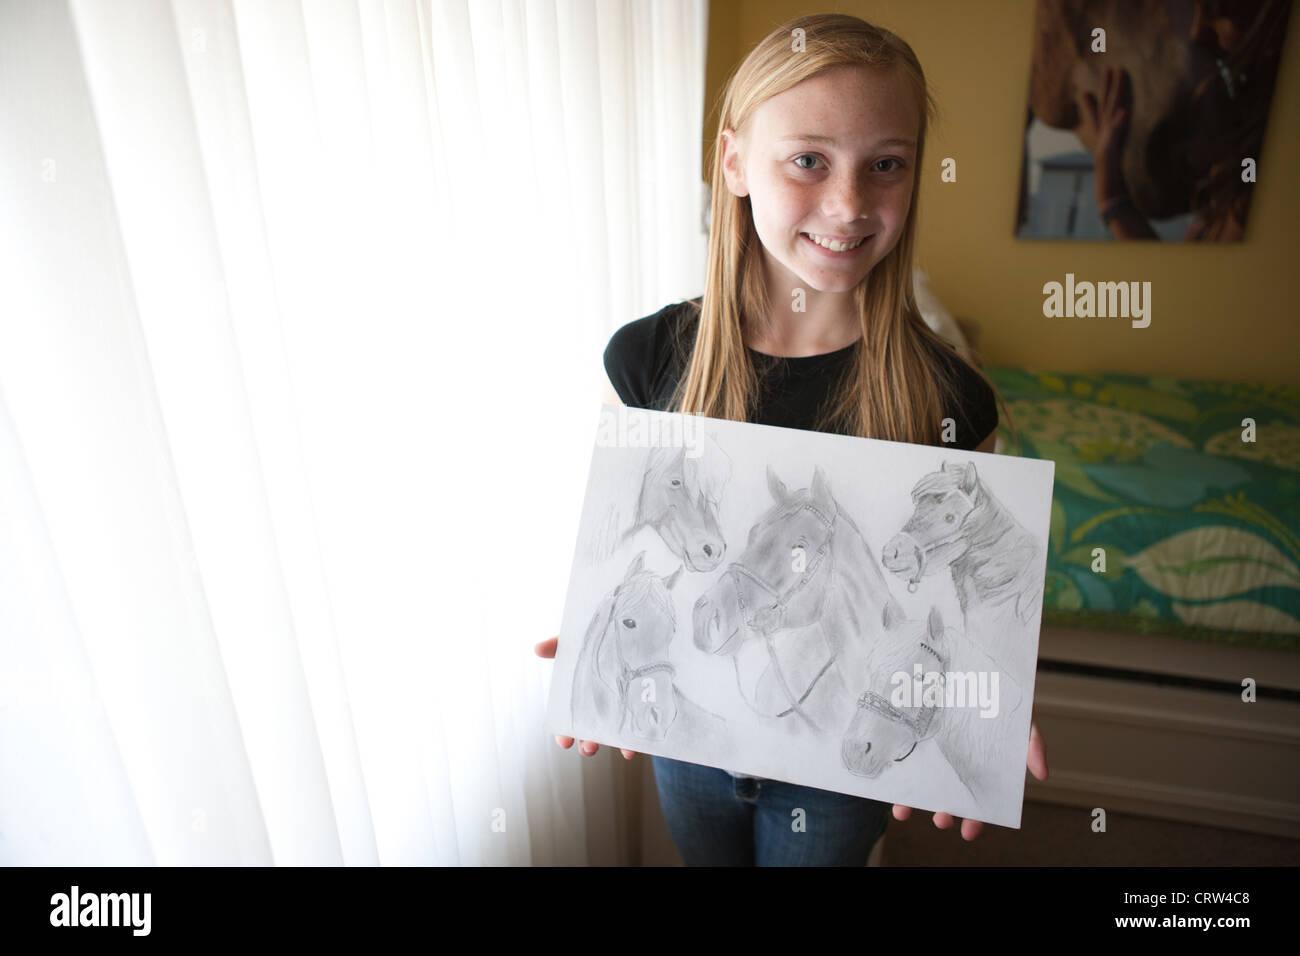 Tredici anno vecchia ragazza tiene i suoi disegni a matita for Disegni di cavalli a matita